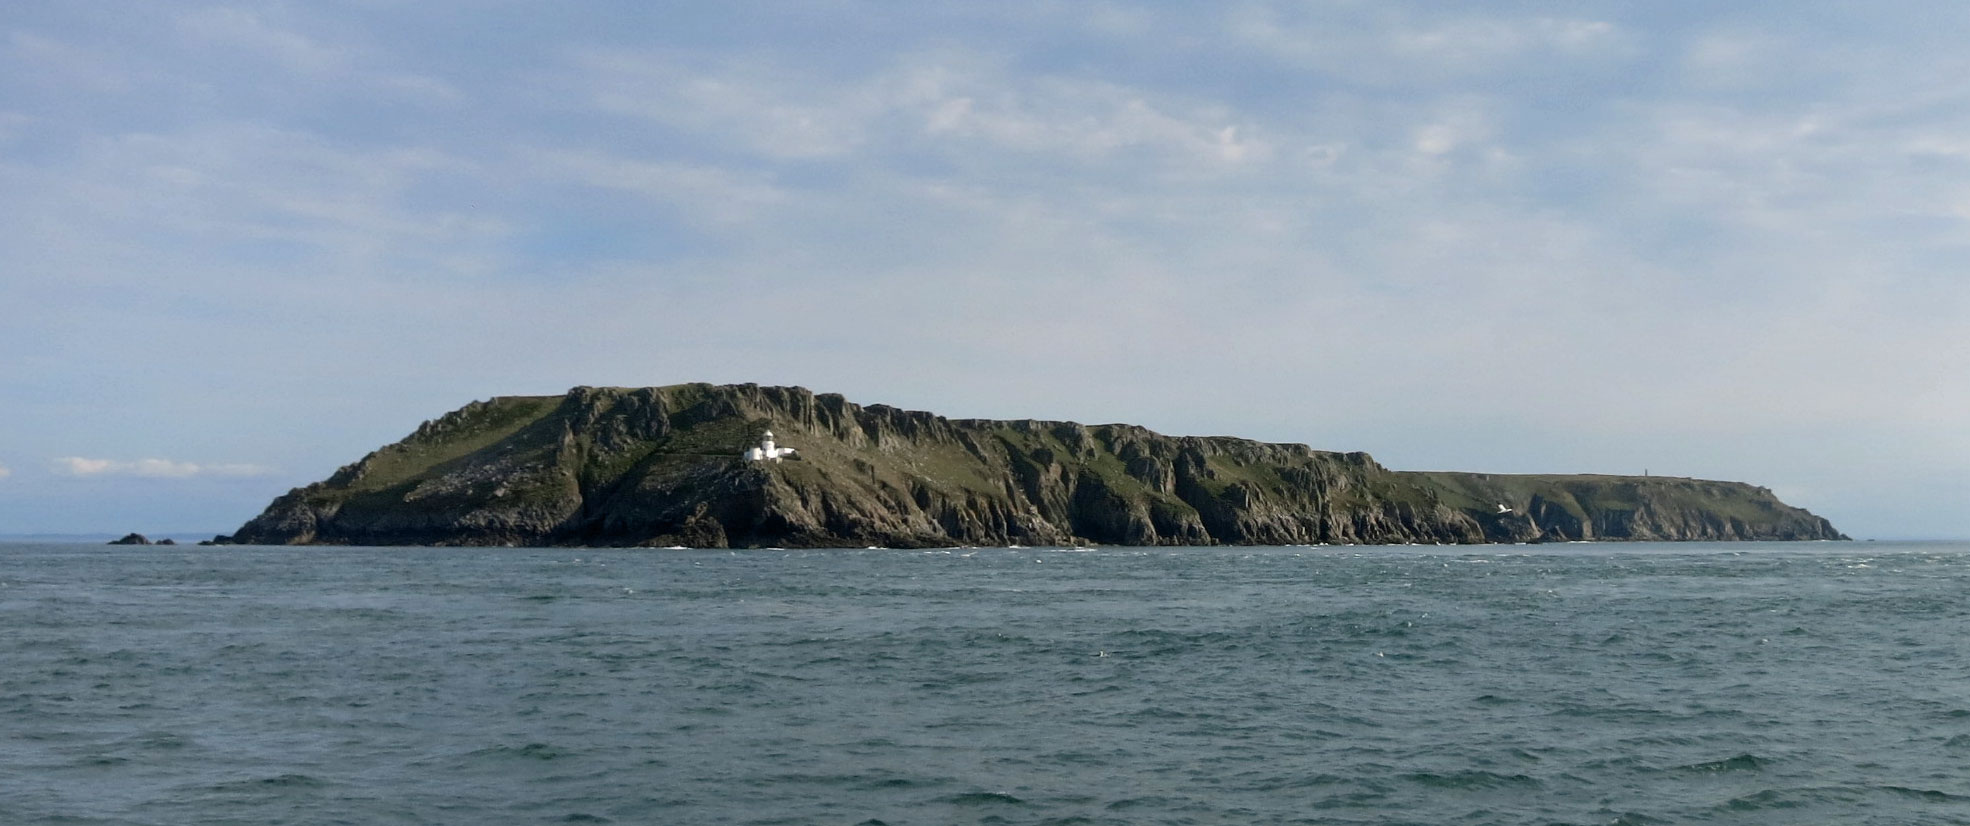 Lundy Island